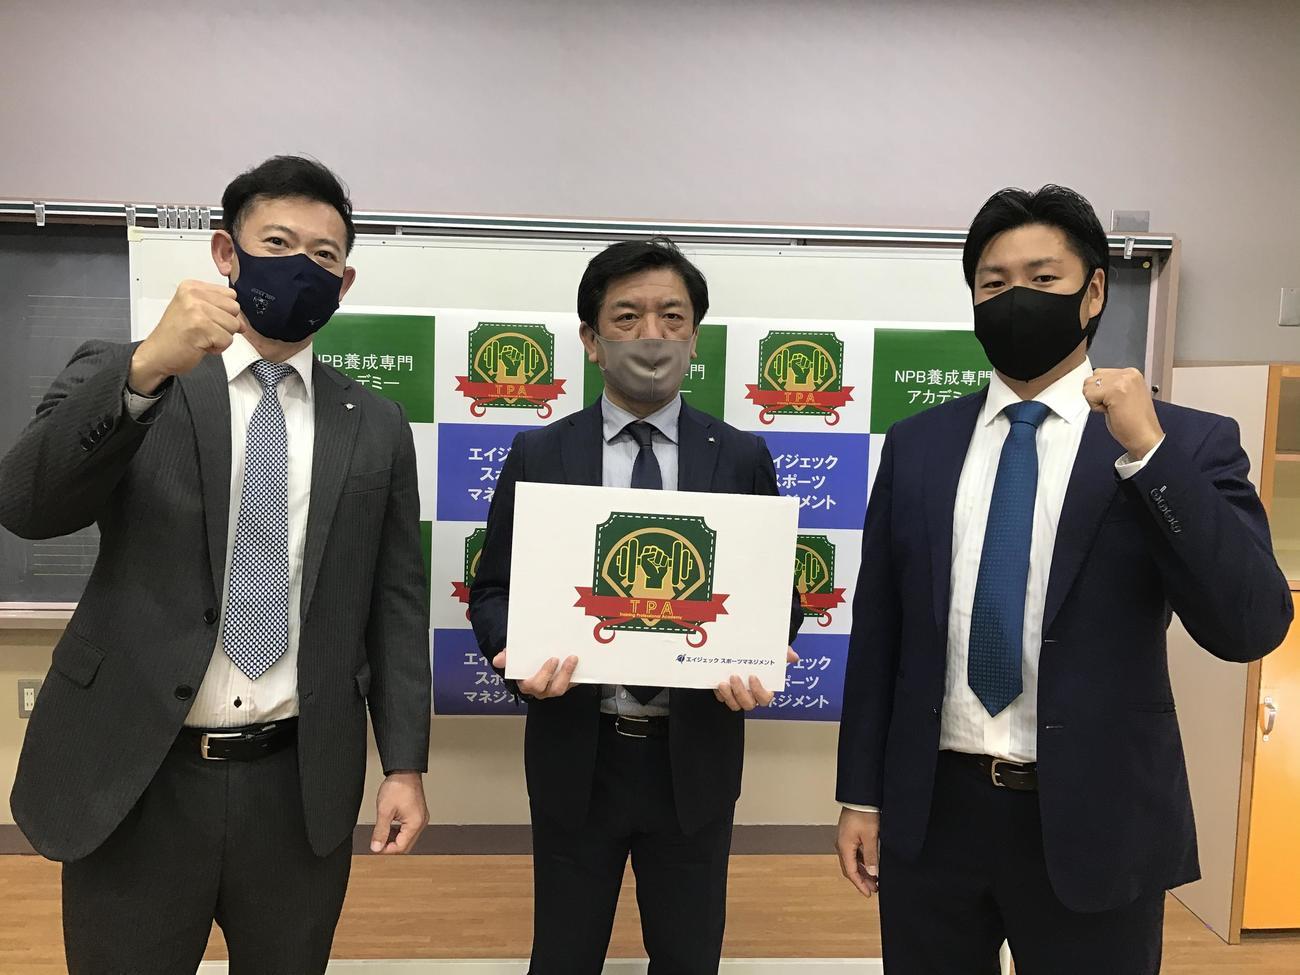 エイジェックスポーツマネジメント「NPB養成専門アカデミー」設立会見に出席した左から星野氏、江部氏、中崎氏